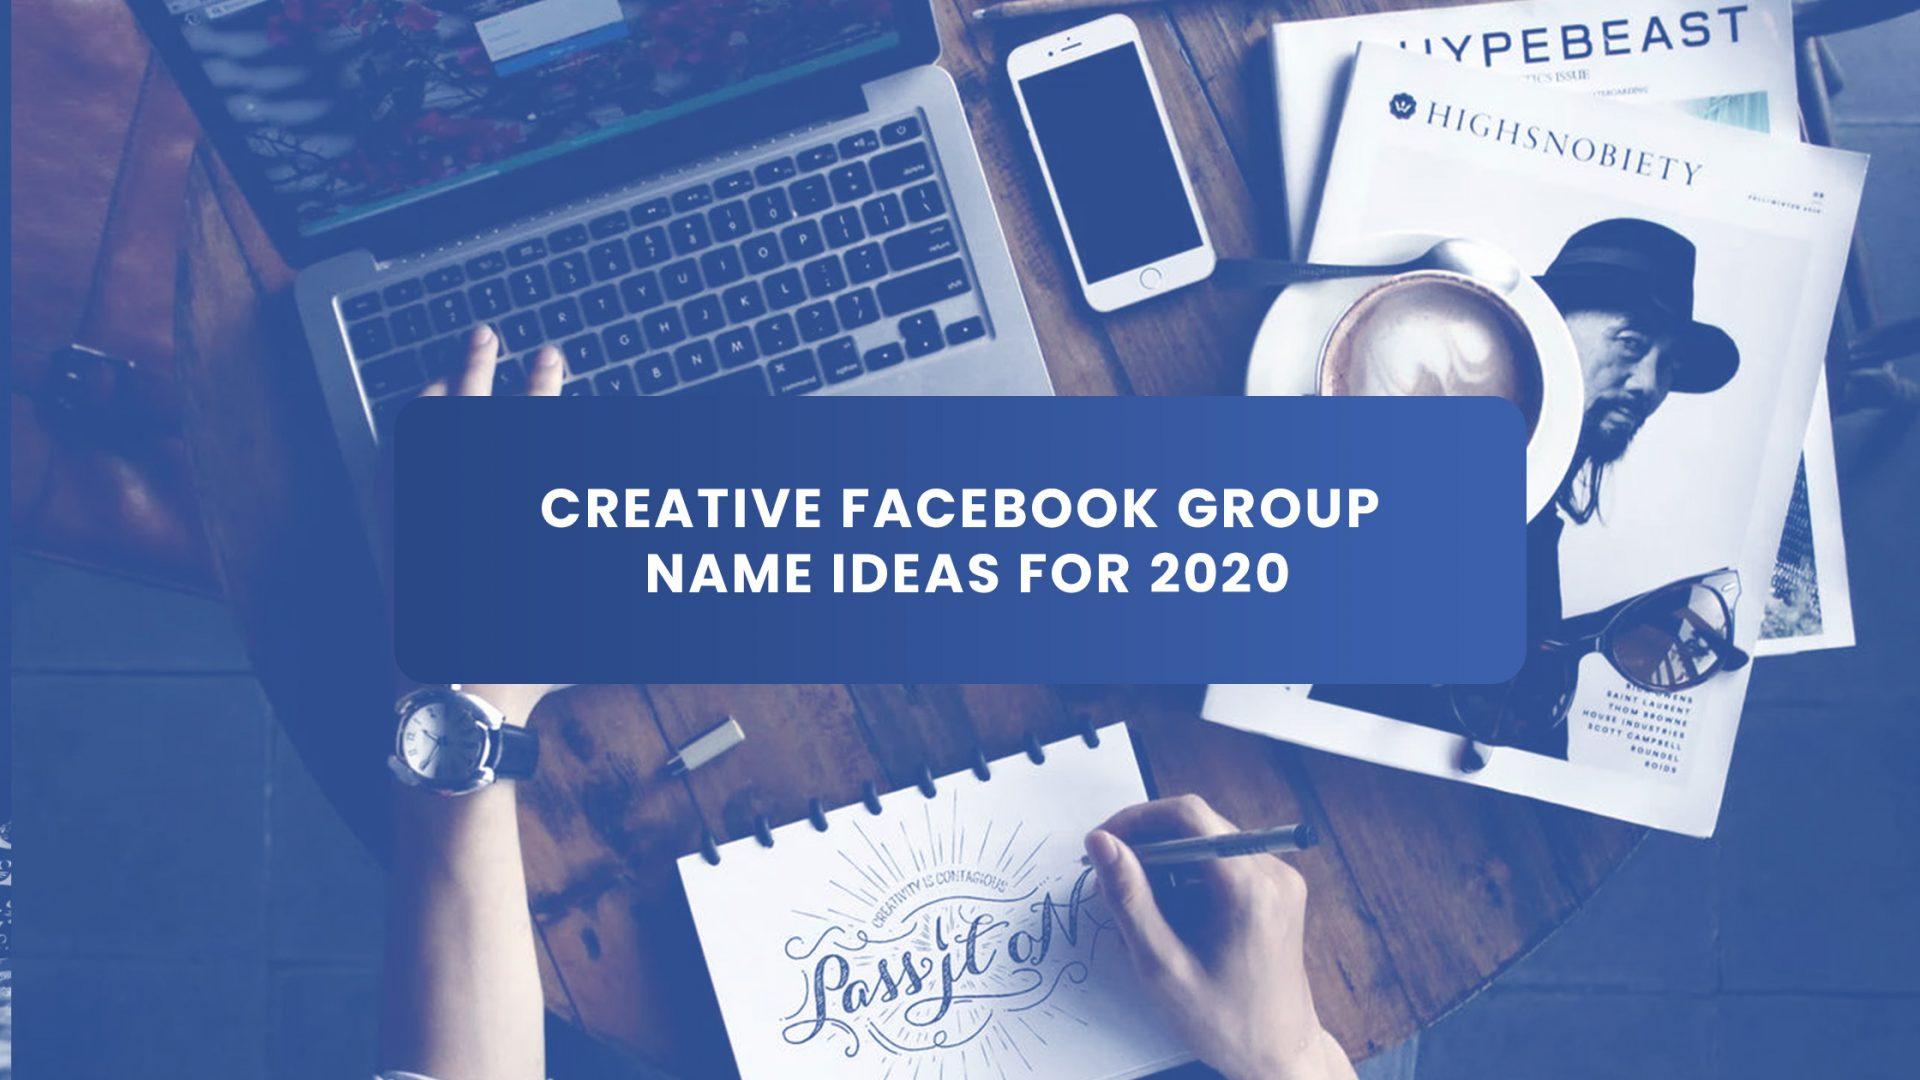 Creative Facebook Group Name Ideas For 2020